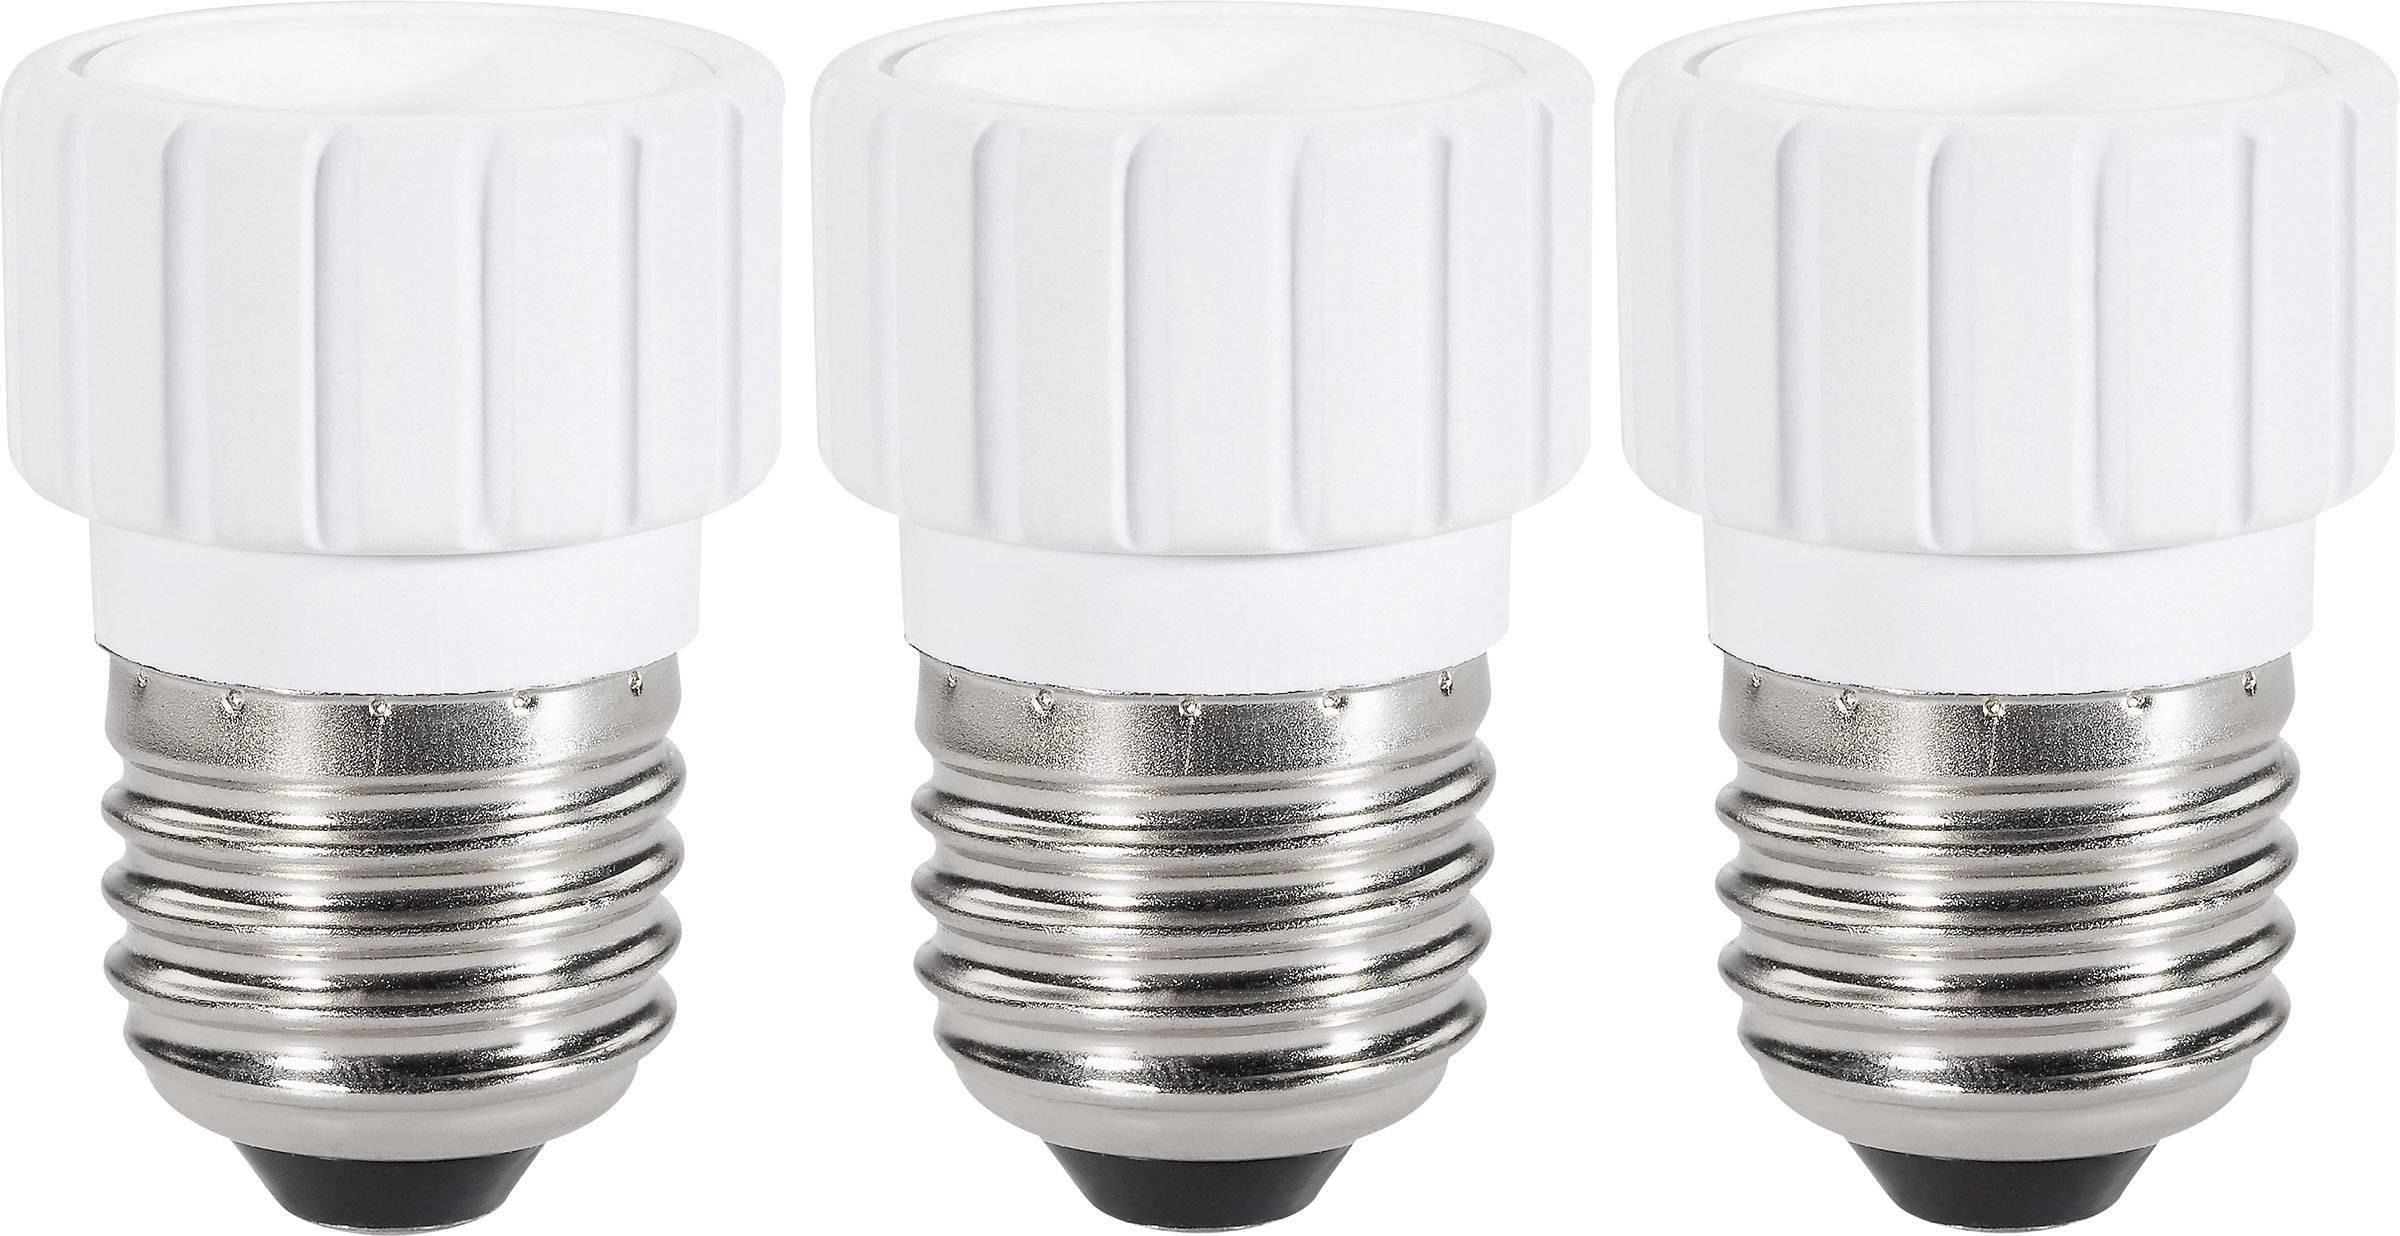 Redukčná objímka Renkforce pre E27 ⇔ E14, 97029c81a, 220 - 250 V, max. 75 W, biela